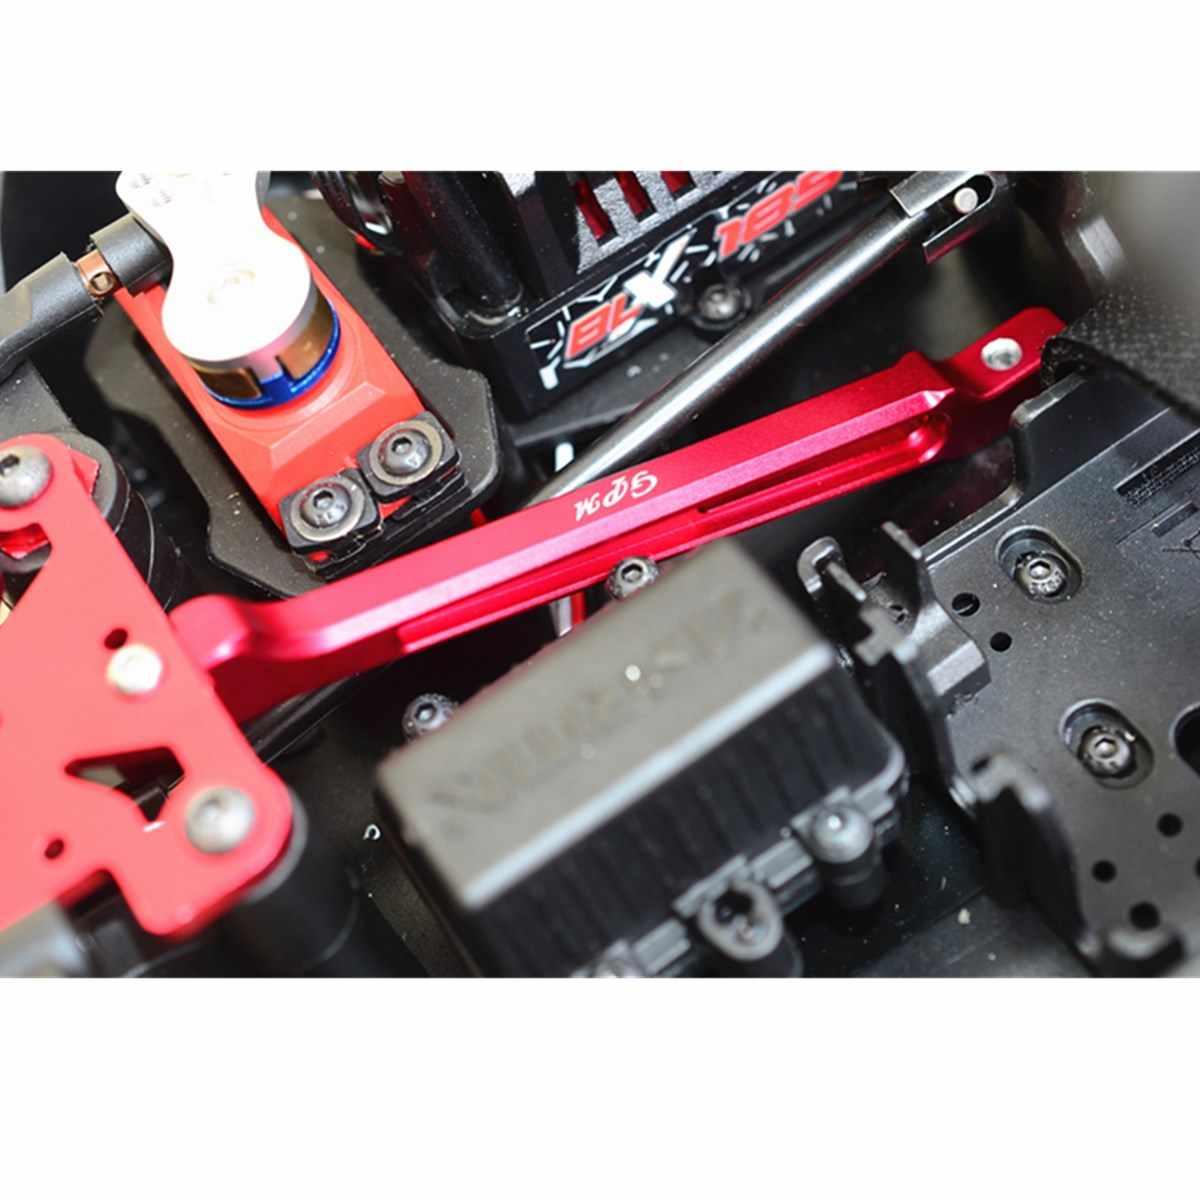 1/8 KRATON Upgrade RC автозапчасти Алюминиевая Передняя рулевая Опора крепление для Arrma Senton Typhon Kraton Talion